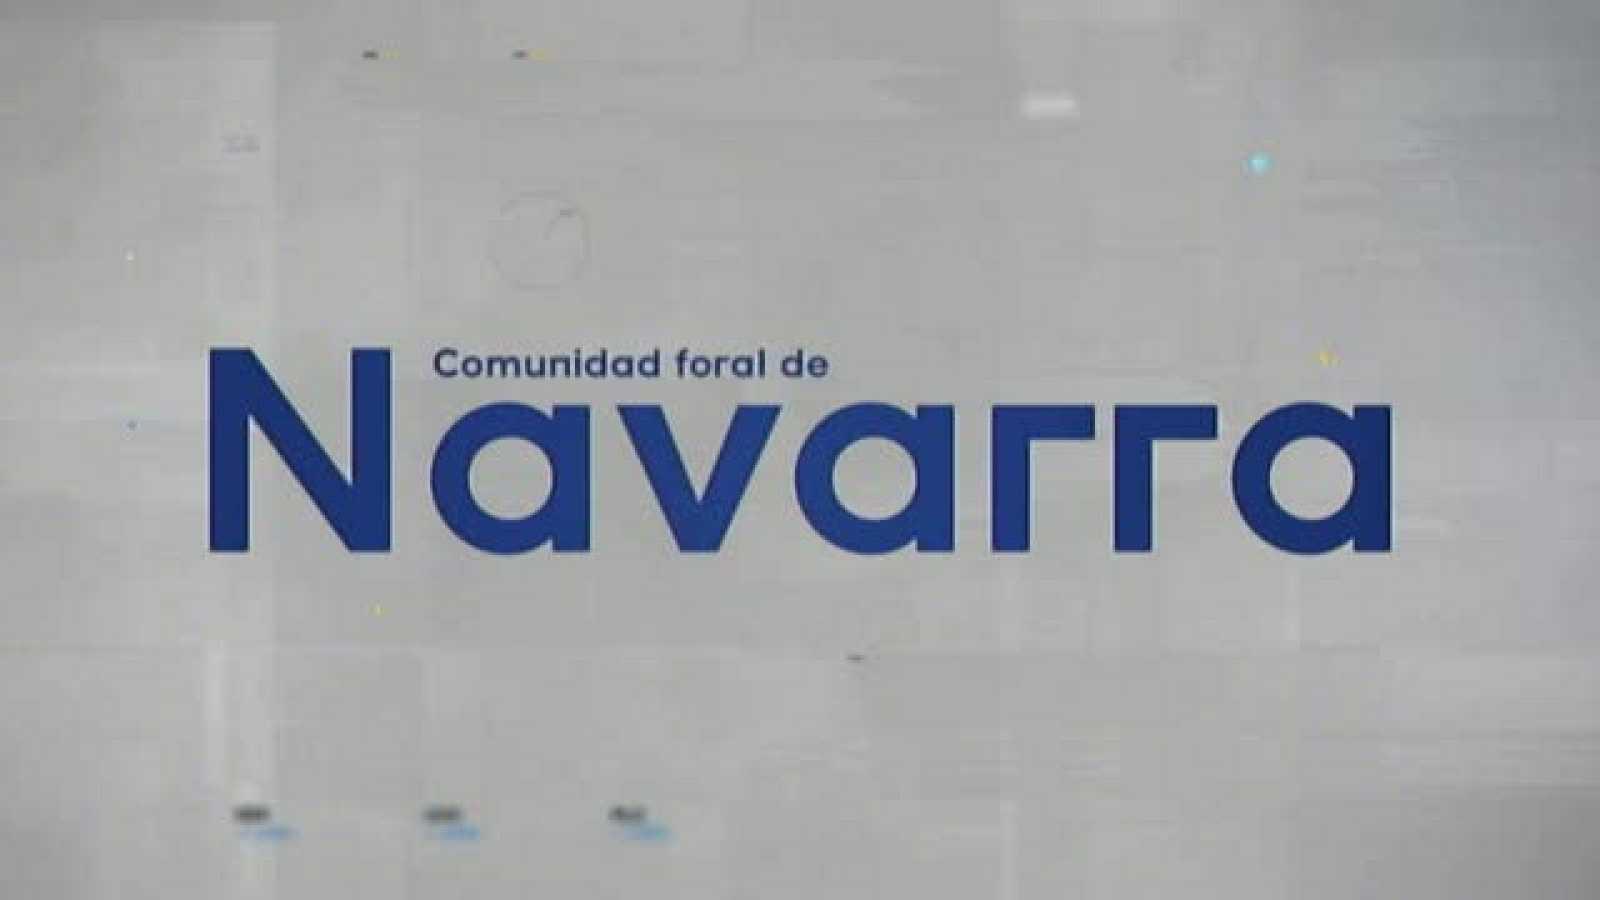 Telenavarra -  16/4/2021